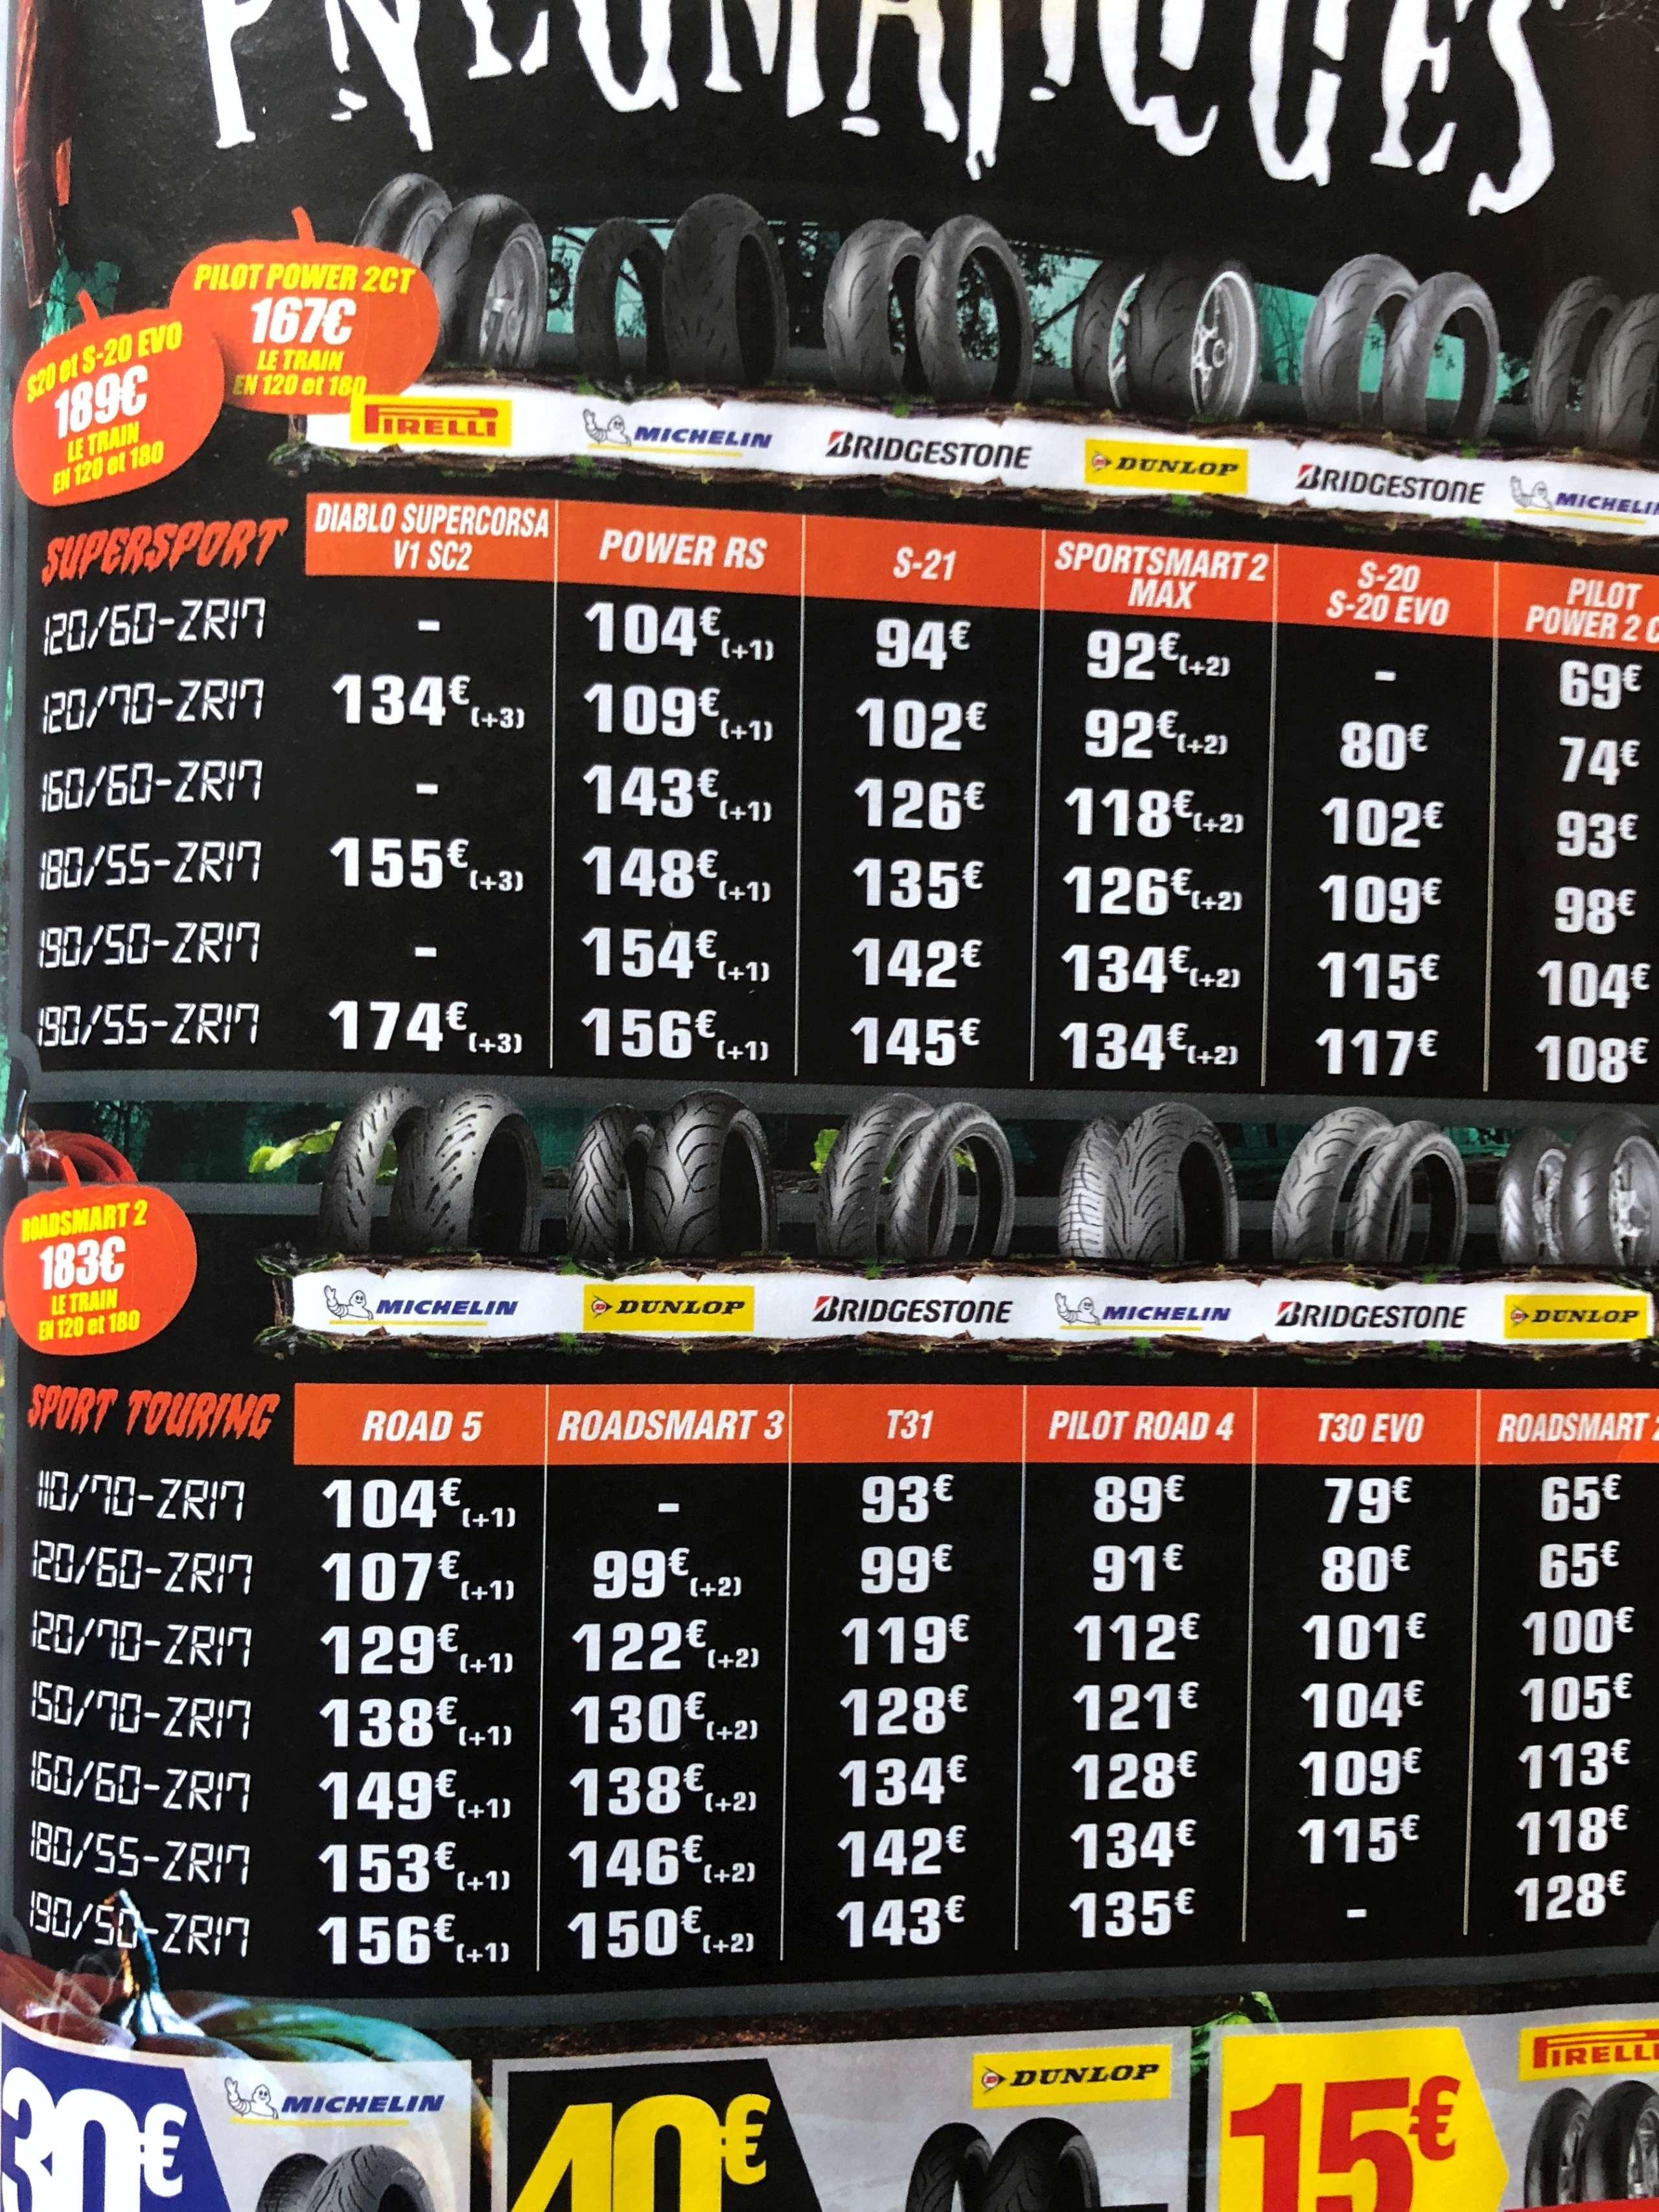 sportsmart, S20, Rosso Corsa, Pilot power.... et autres pneu route/piste. - Page 6 Img_6910